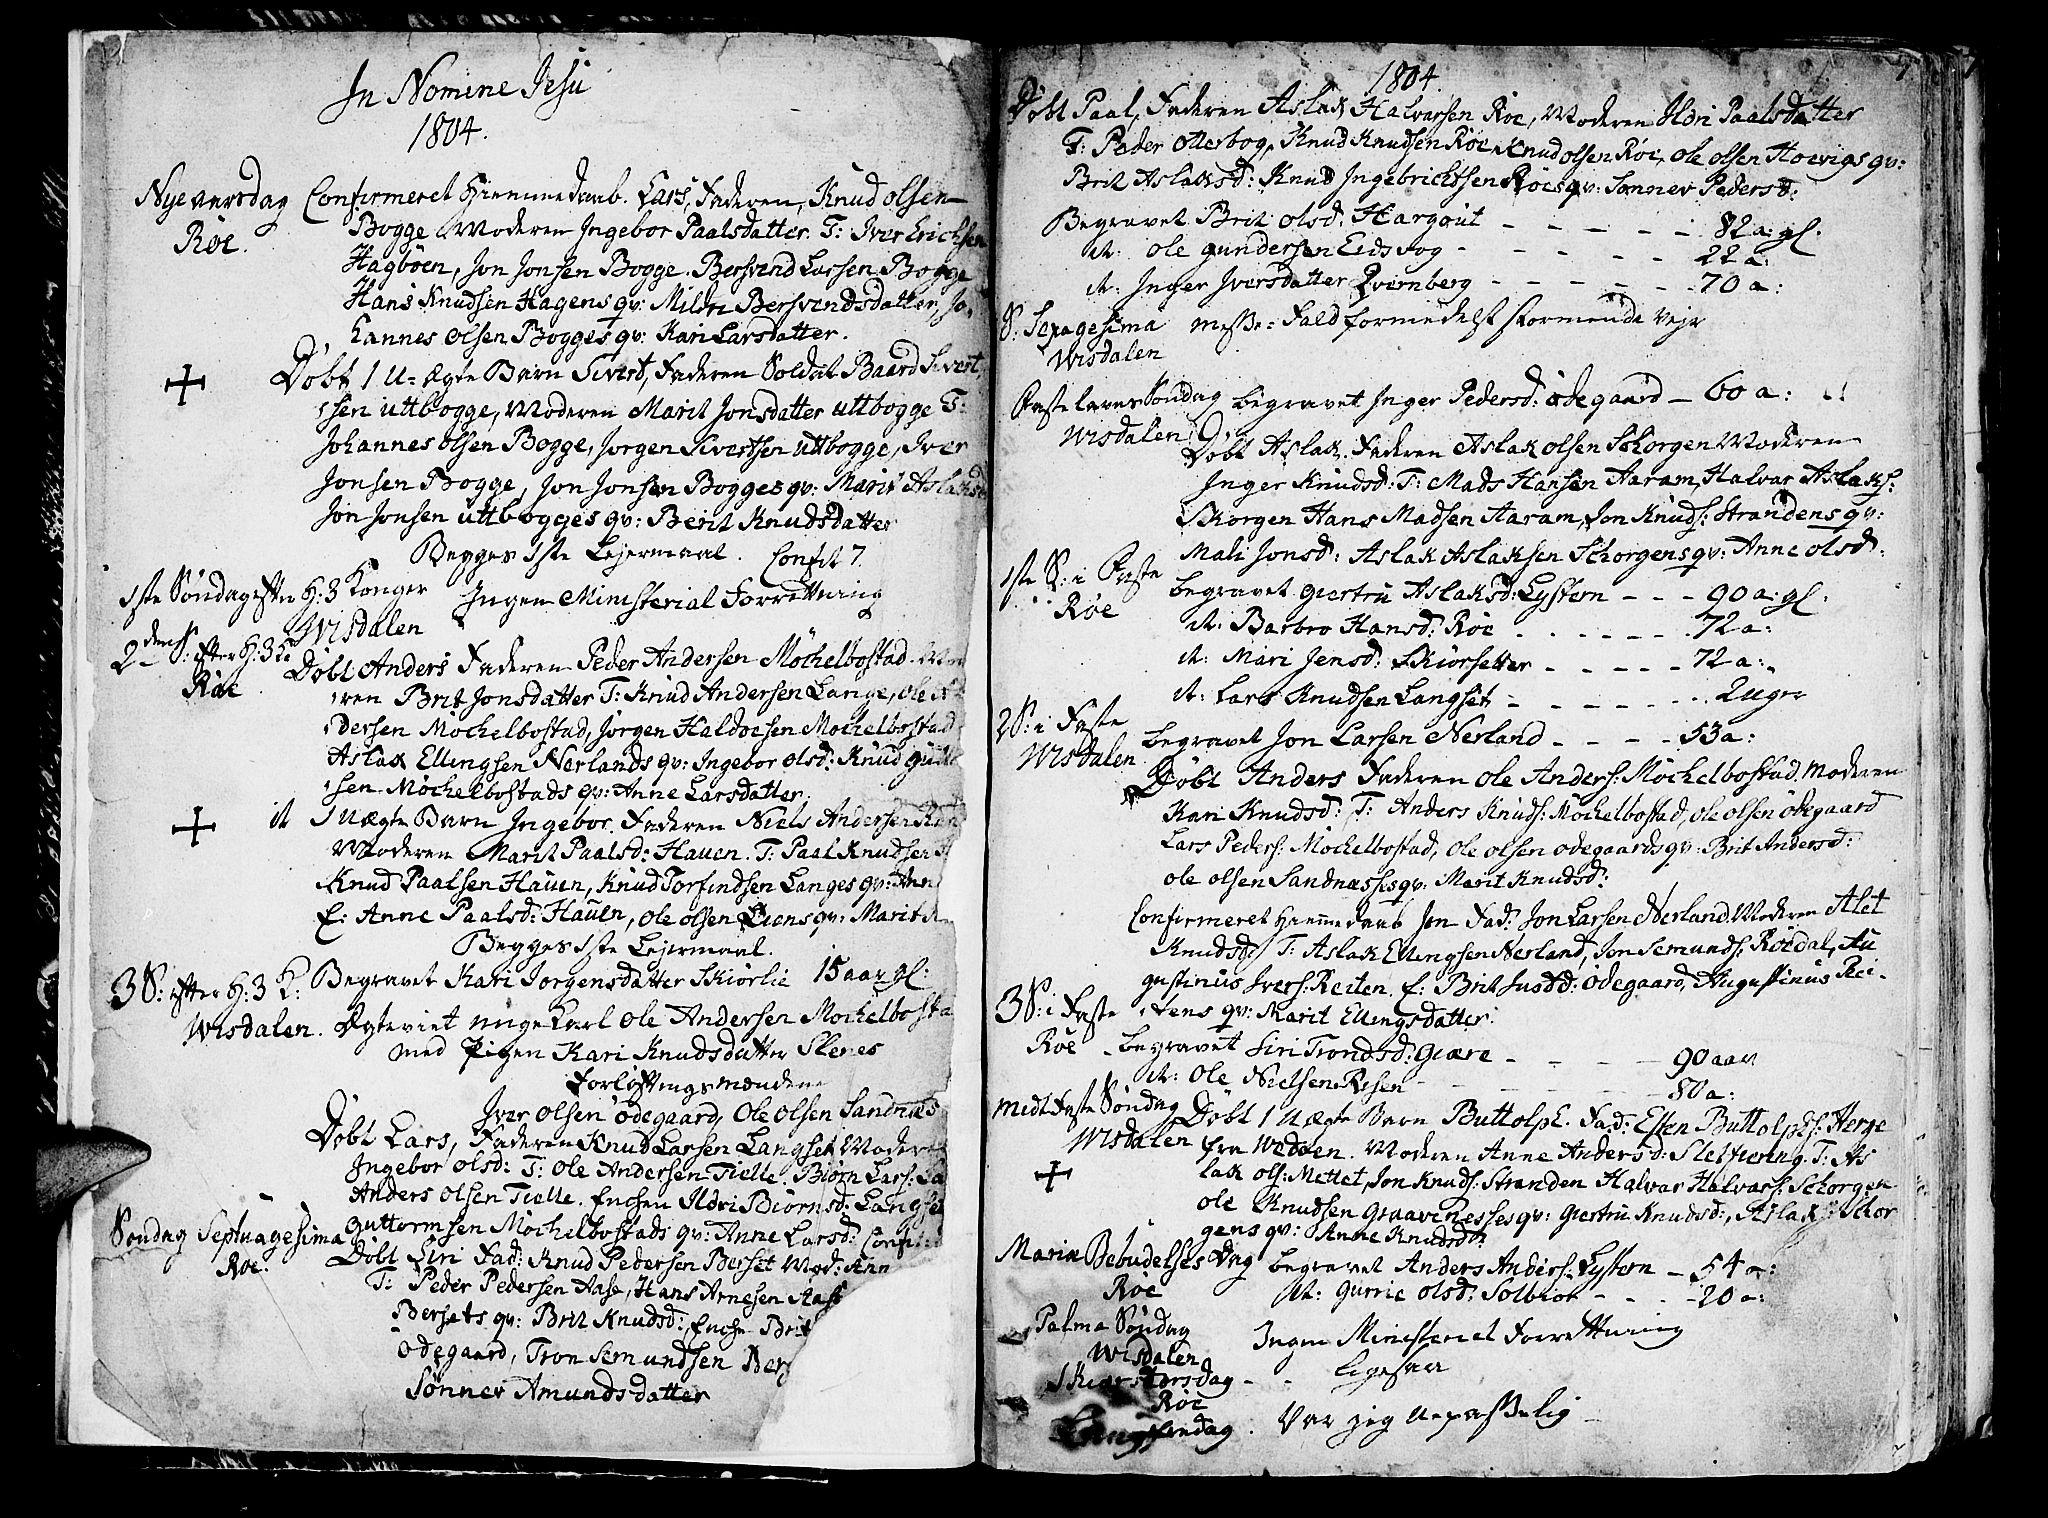 SAT, Ministerialprotokoller, klokkerbøker og fødselsregistre - Møre og Romsdal, 551/L0622: Ministerialbok nr. 551A02, 1804-1845, s. 0-1